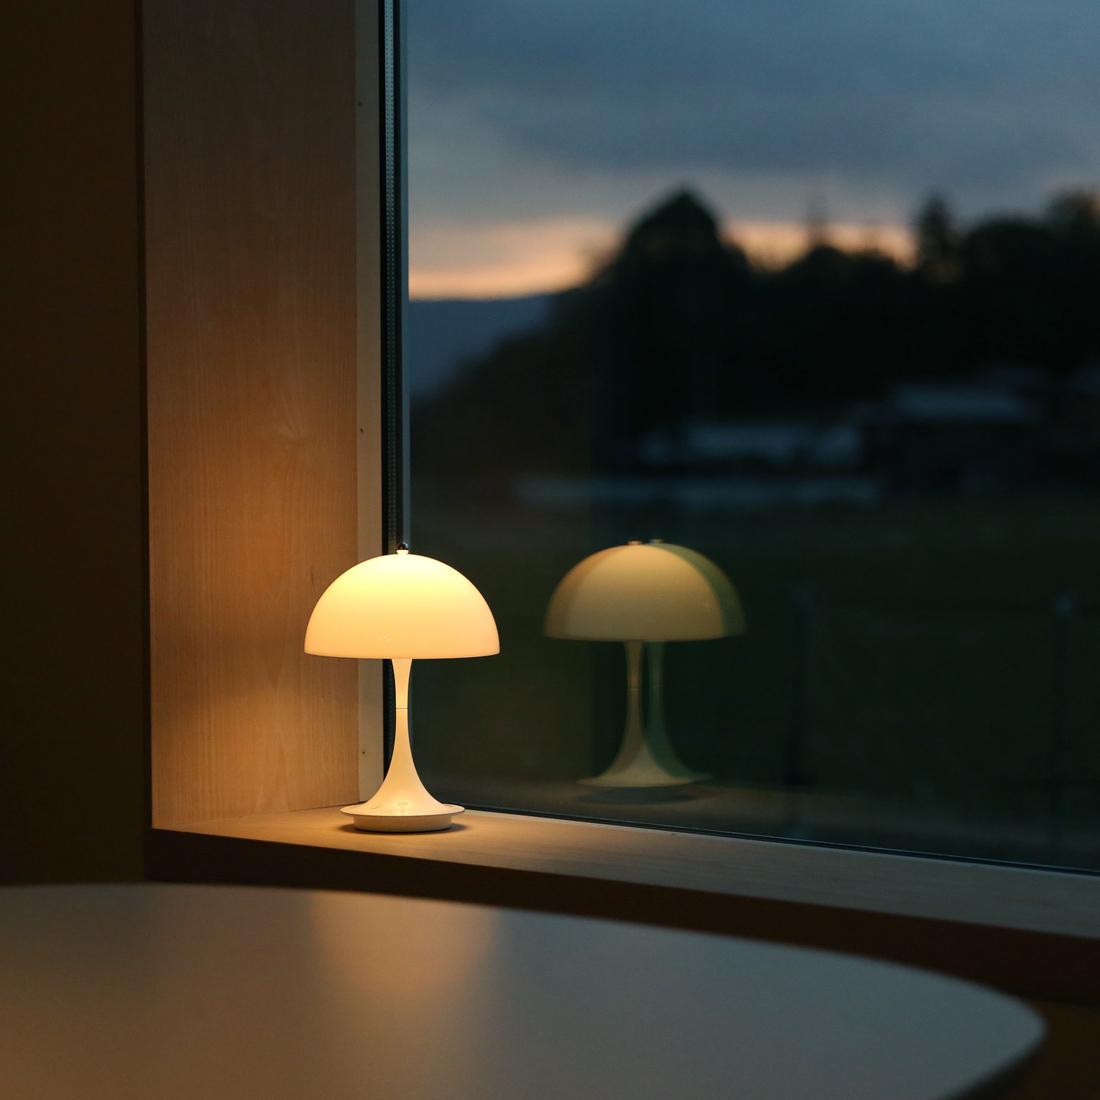 【ポイント10倍】Louis Poulsen(ルイスポールセン)  Panthella Portable(パンテラ ポータブル) テーブルランプ